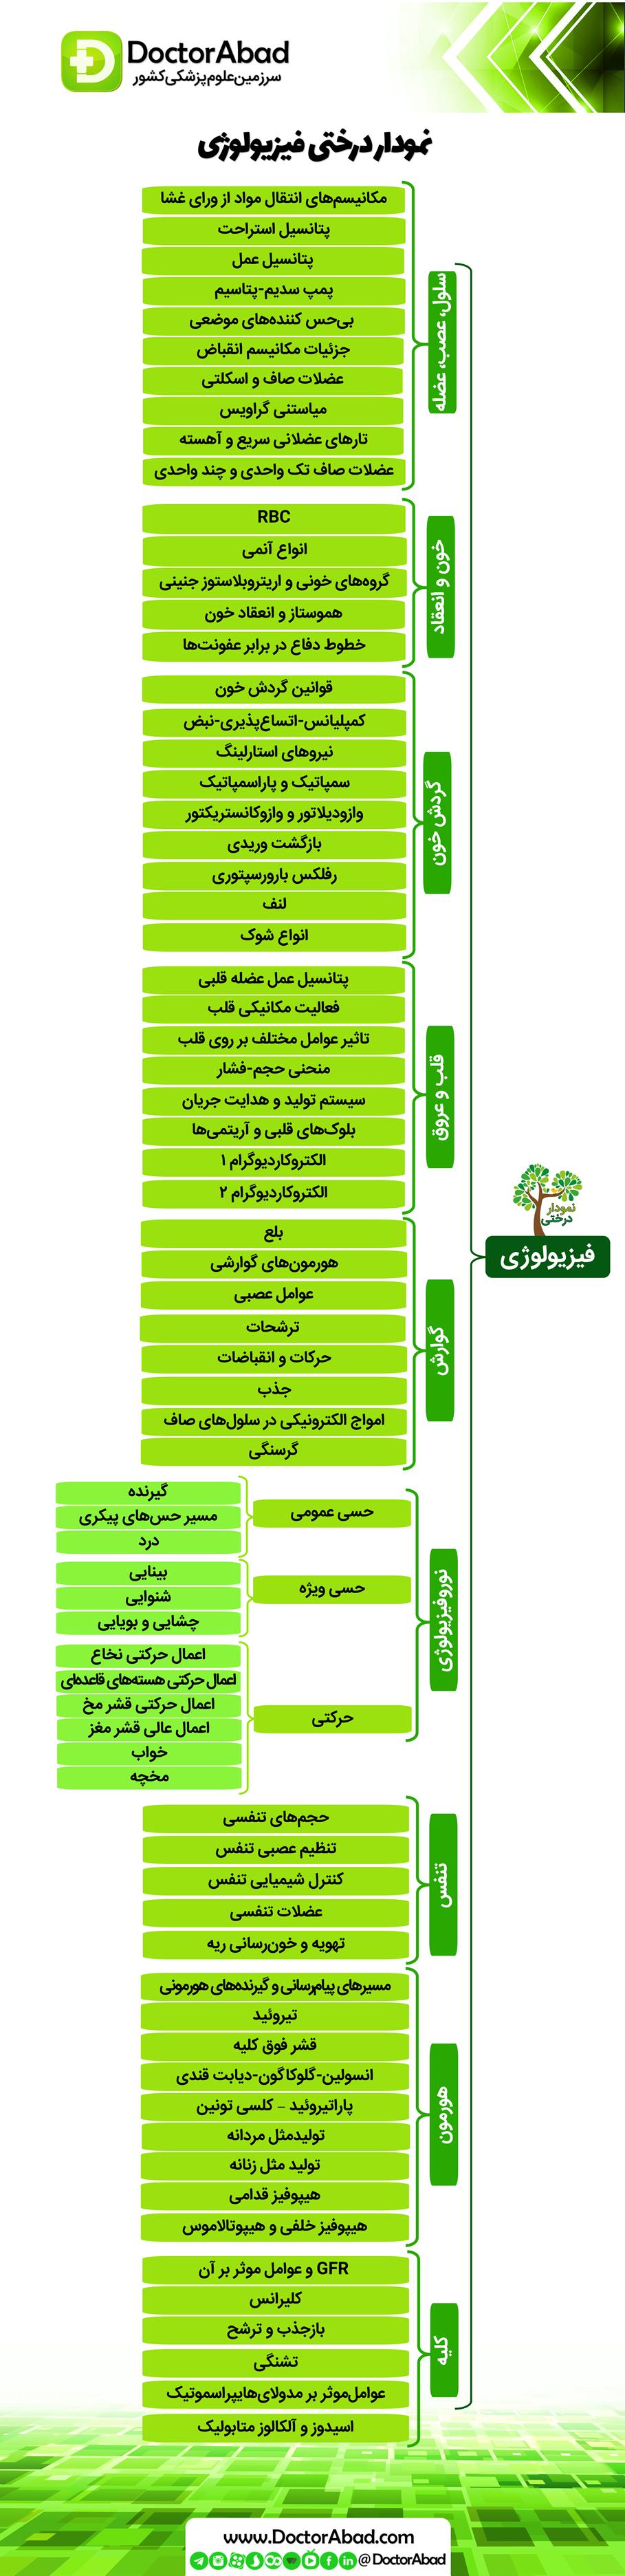 نمودار درختی فیزیولوژی